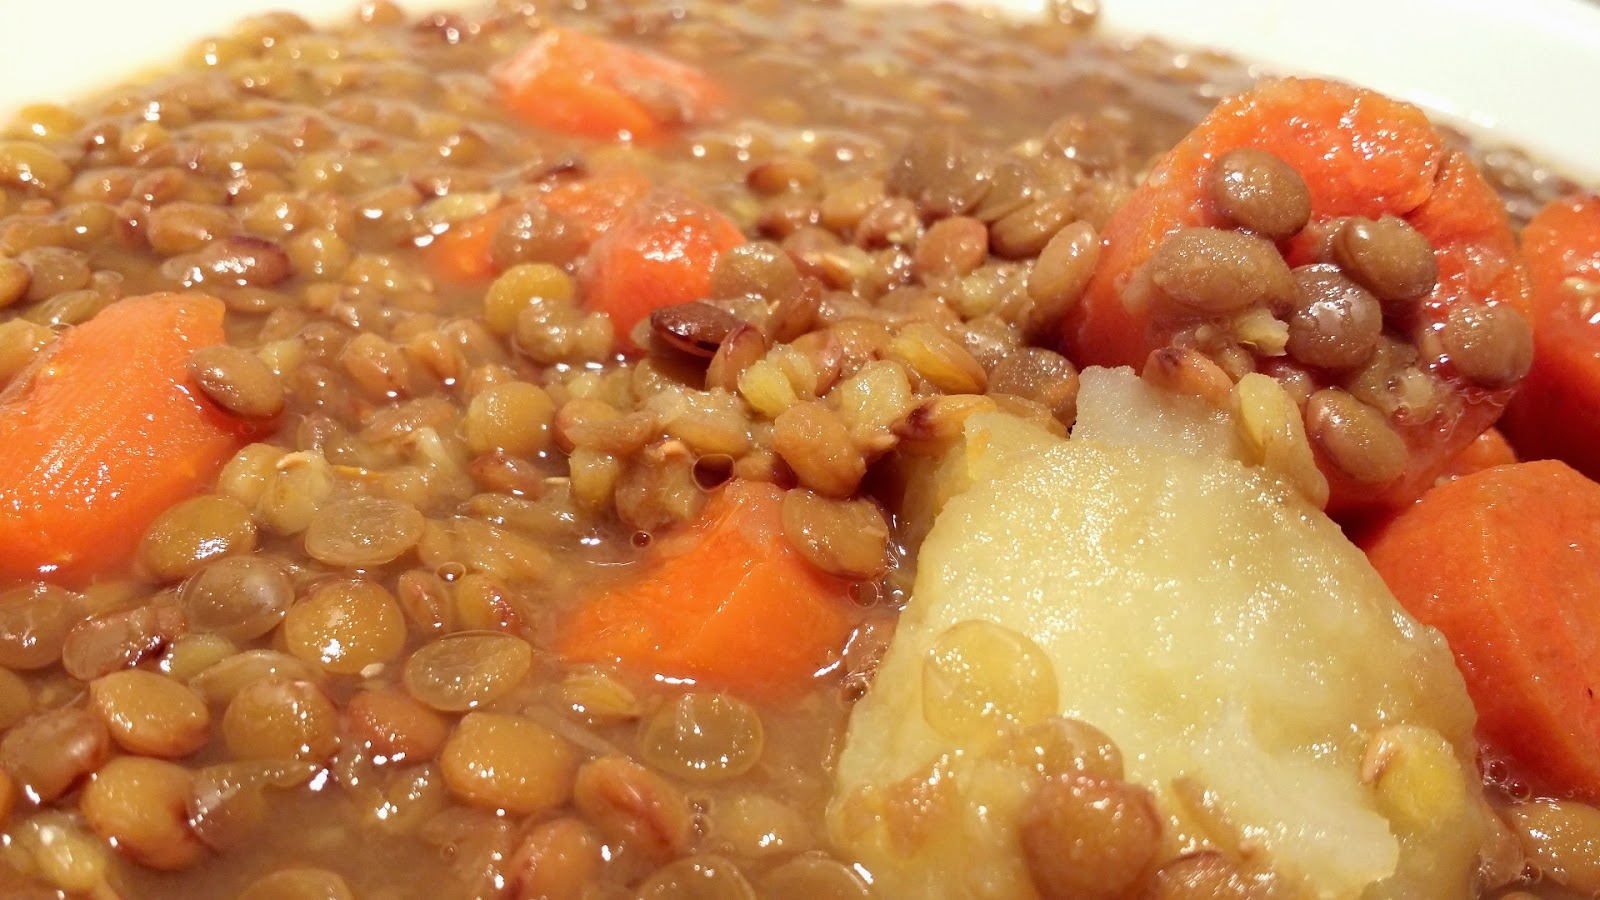 Receta olla r pida lentejas con zanahoria y patata - Lentejas con costillas y patatas ...